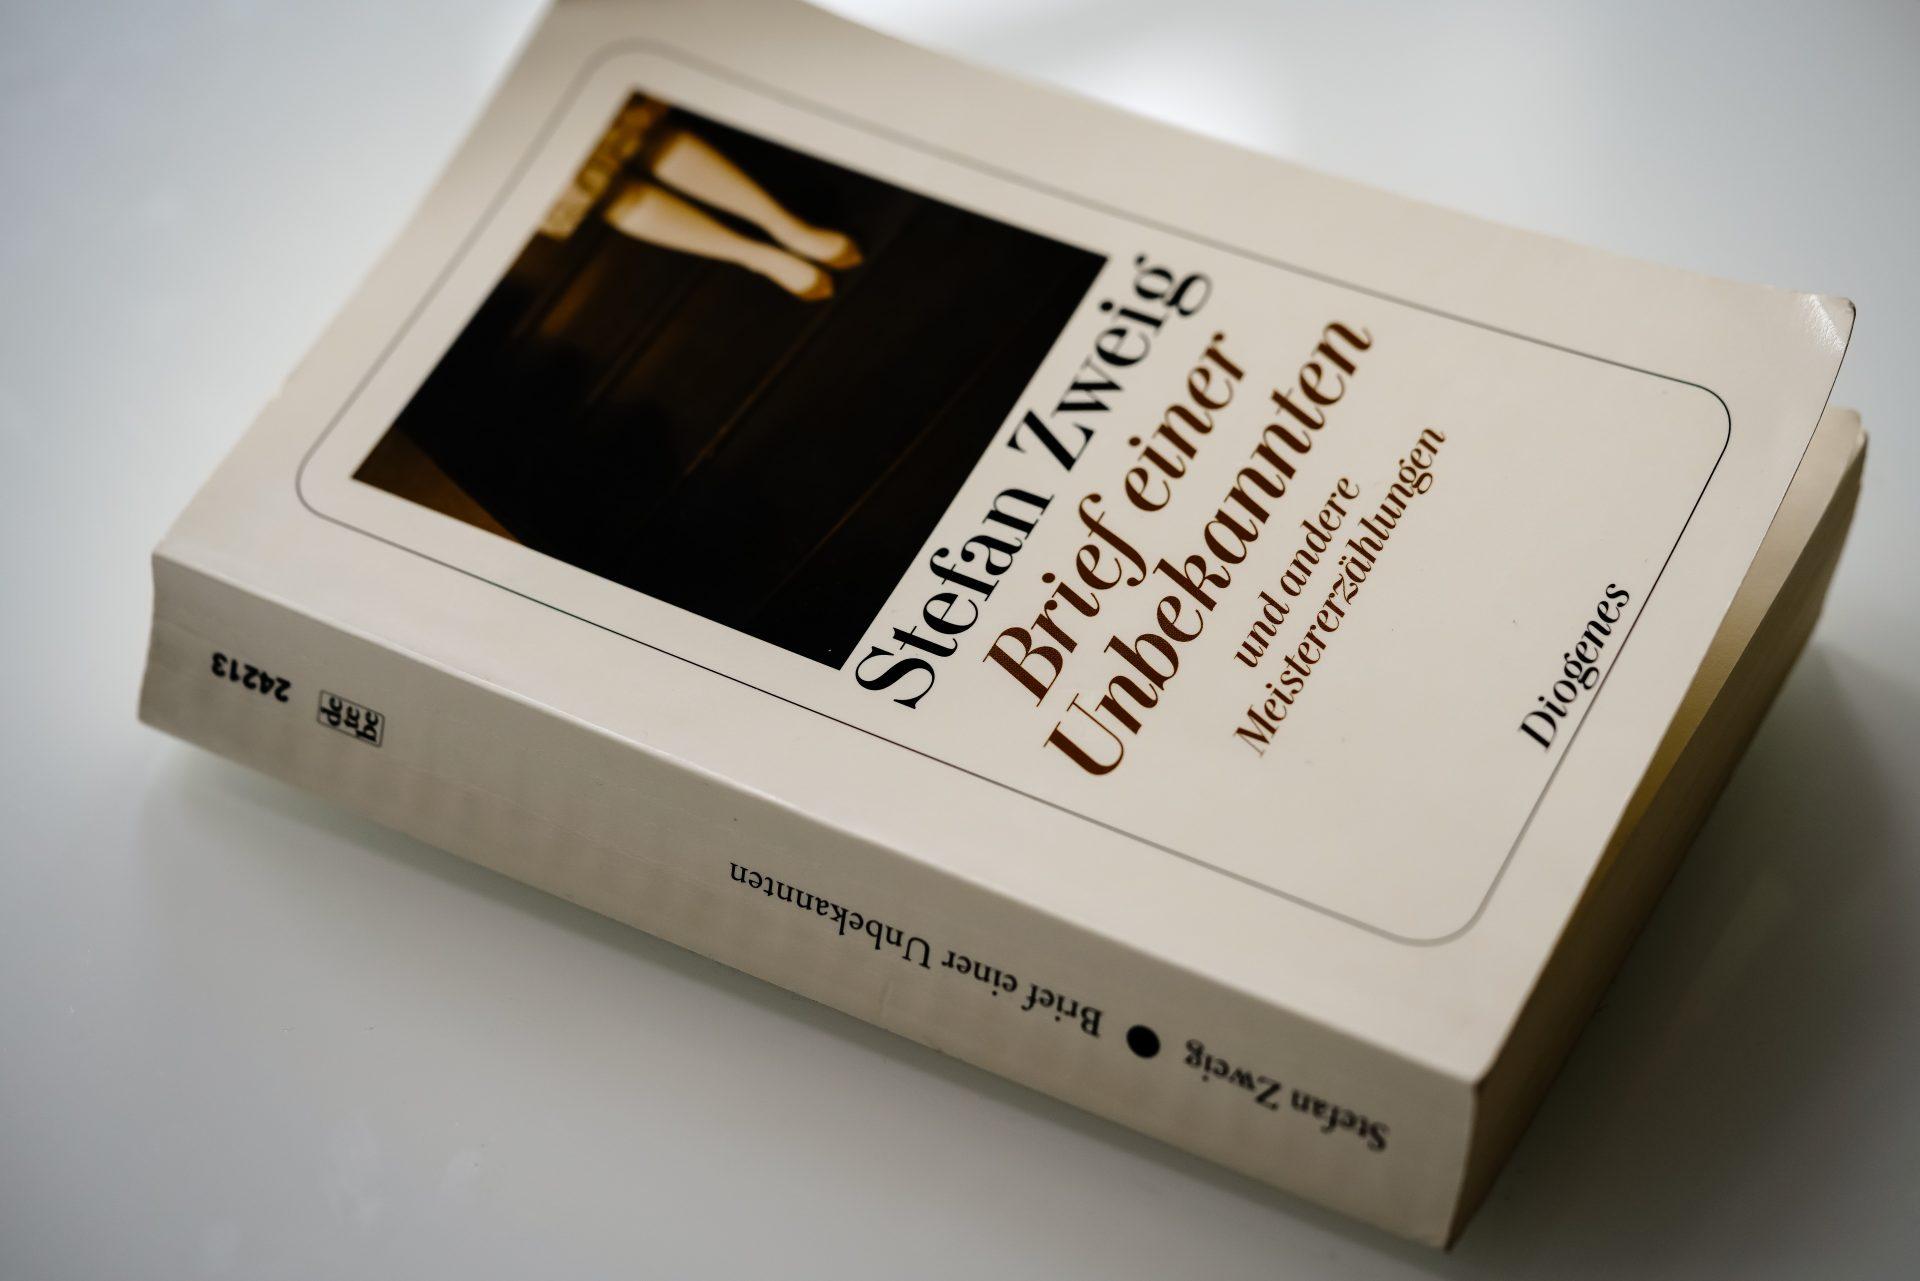 Stefan Zweig – Briefe einer Unbekannten